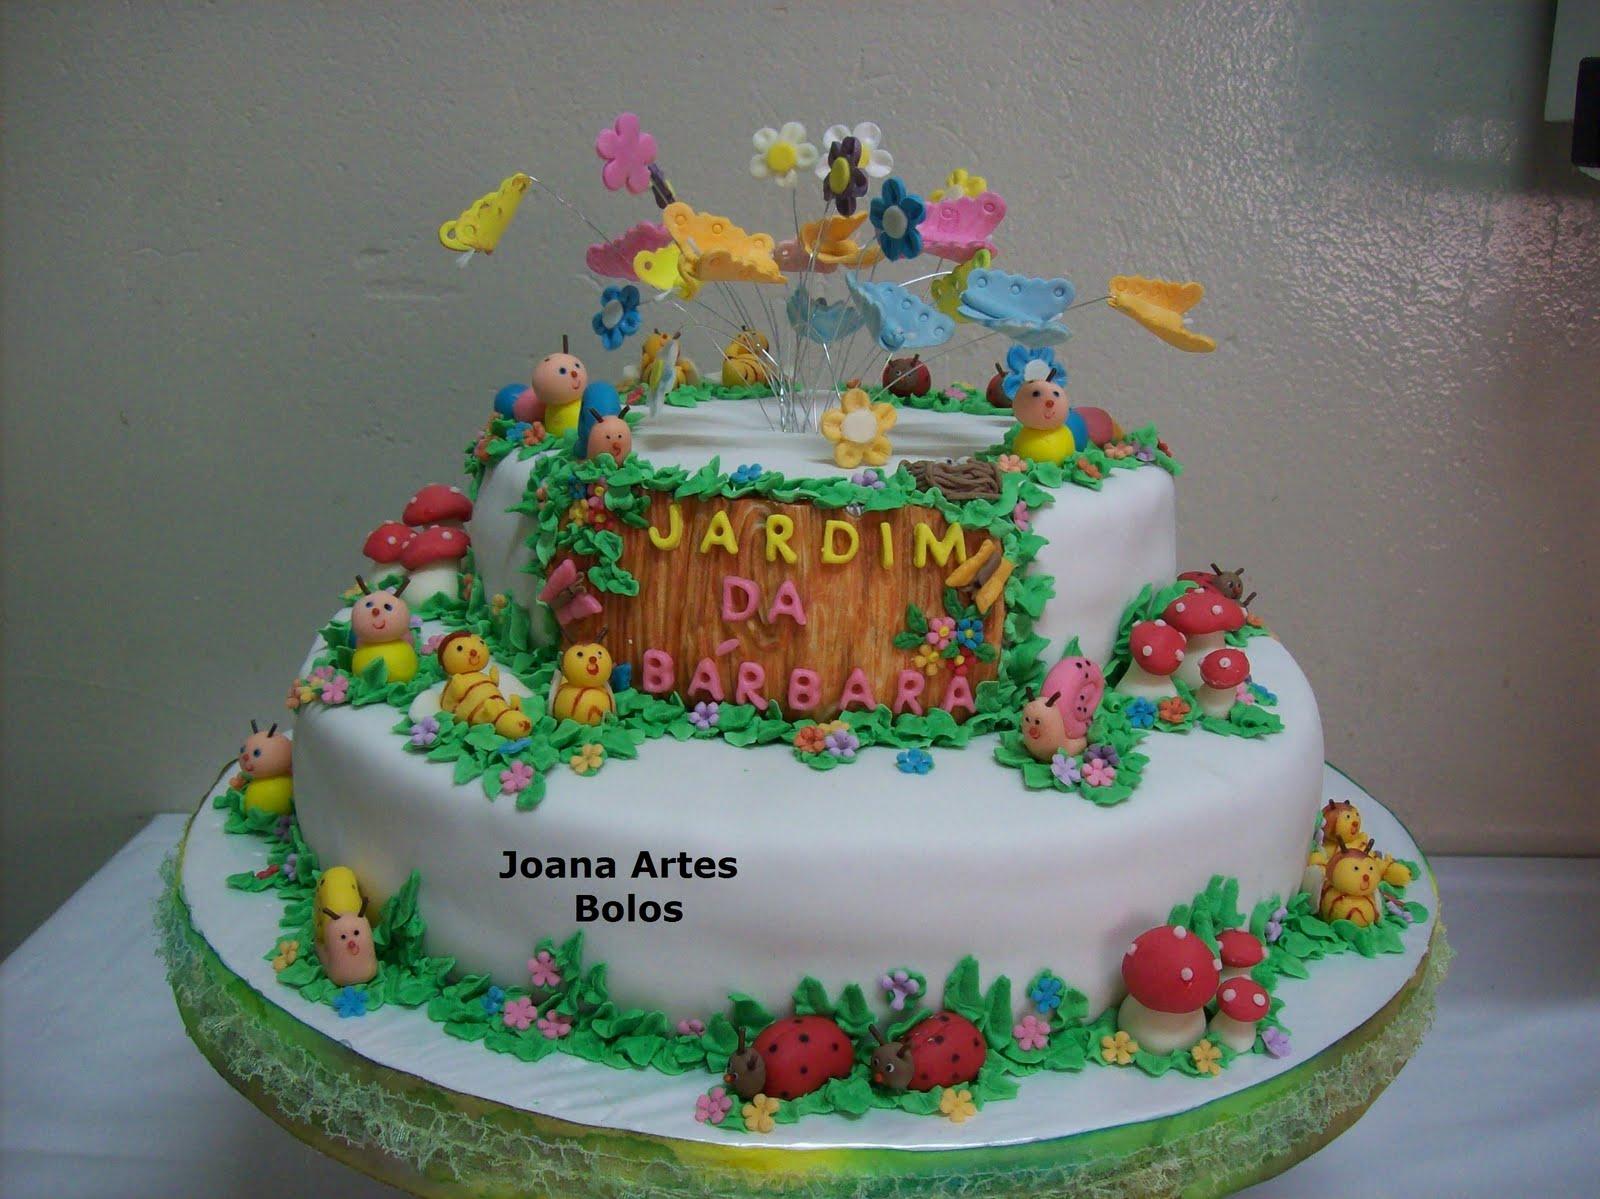 Artes Bolos(UberabaMG) 3433124684 Bolo infantil jardim encantado